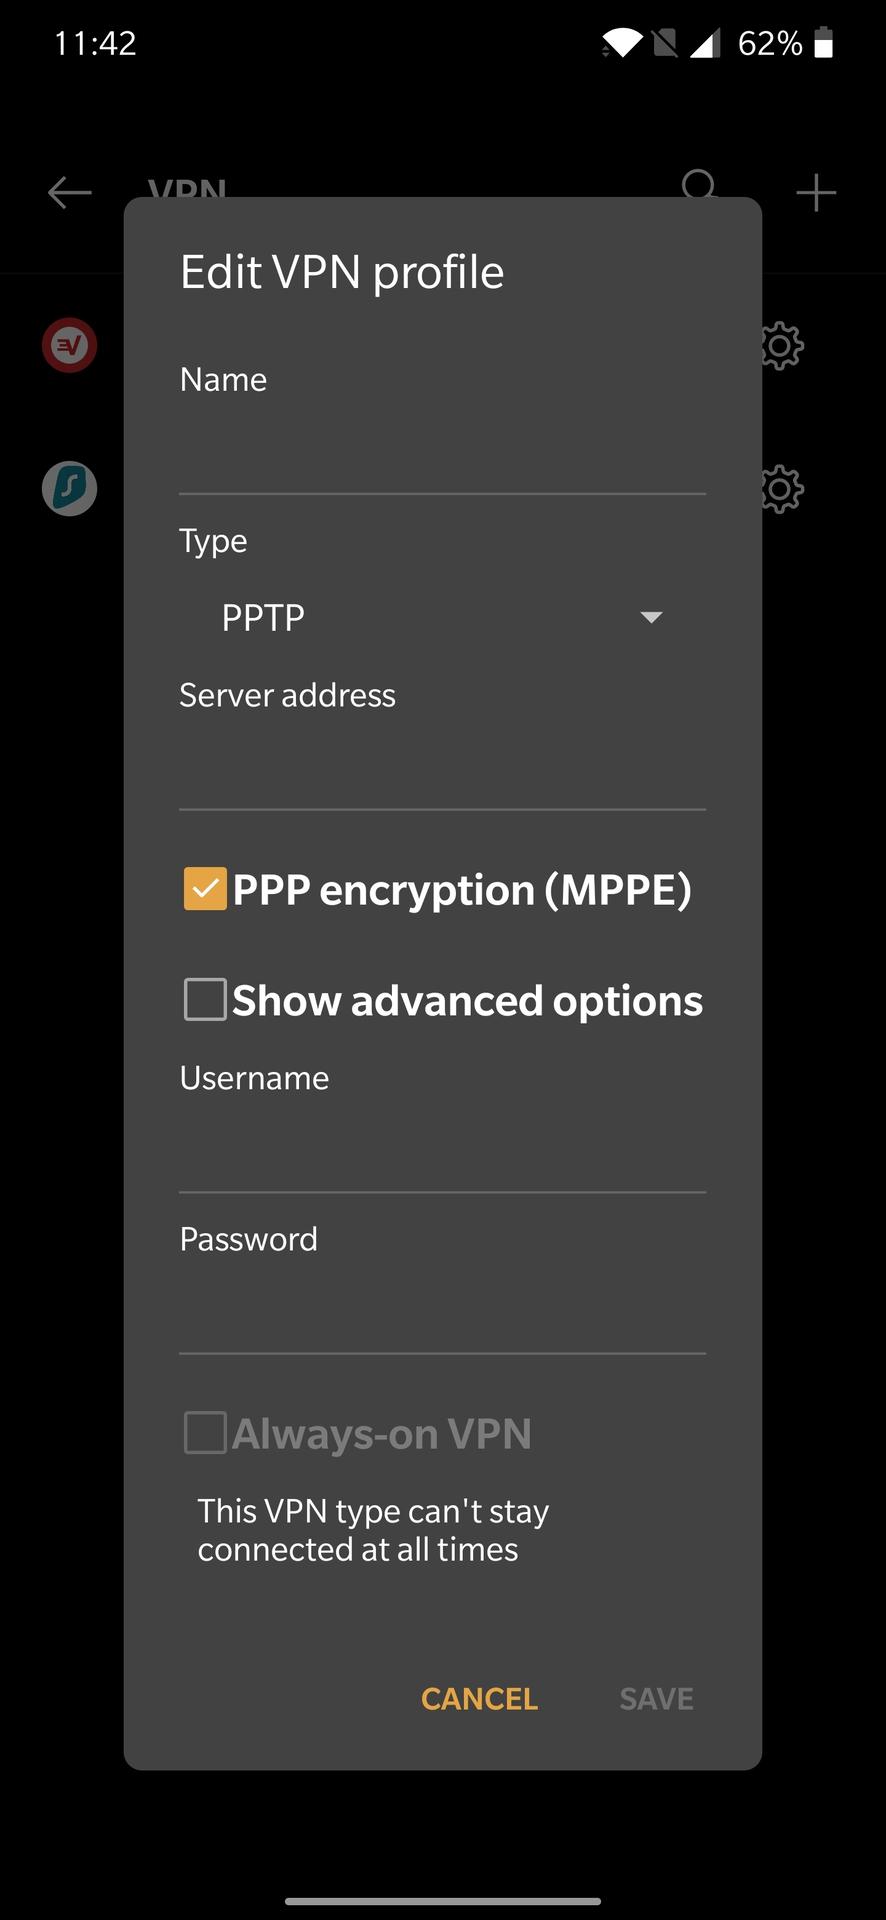 Cara Aktifkan Vpn Di Android Bantu Amankan Jaringan Ponselmu